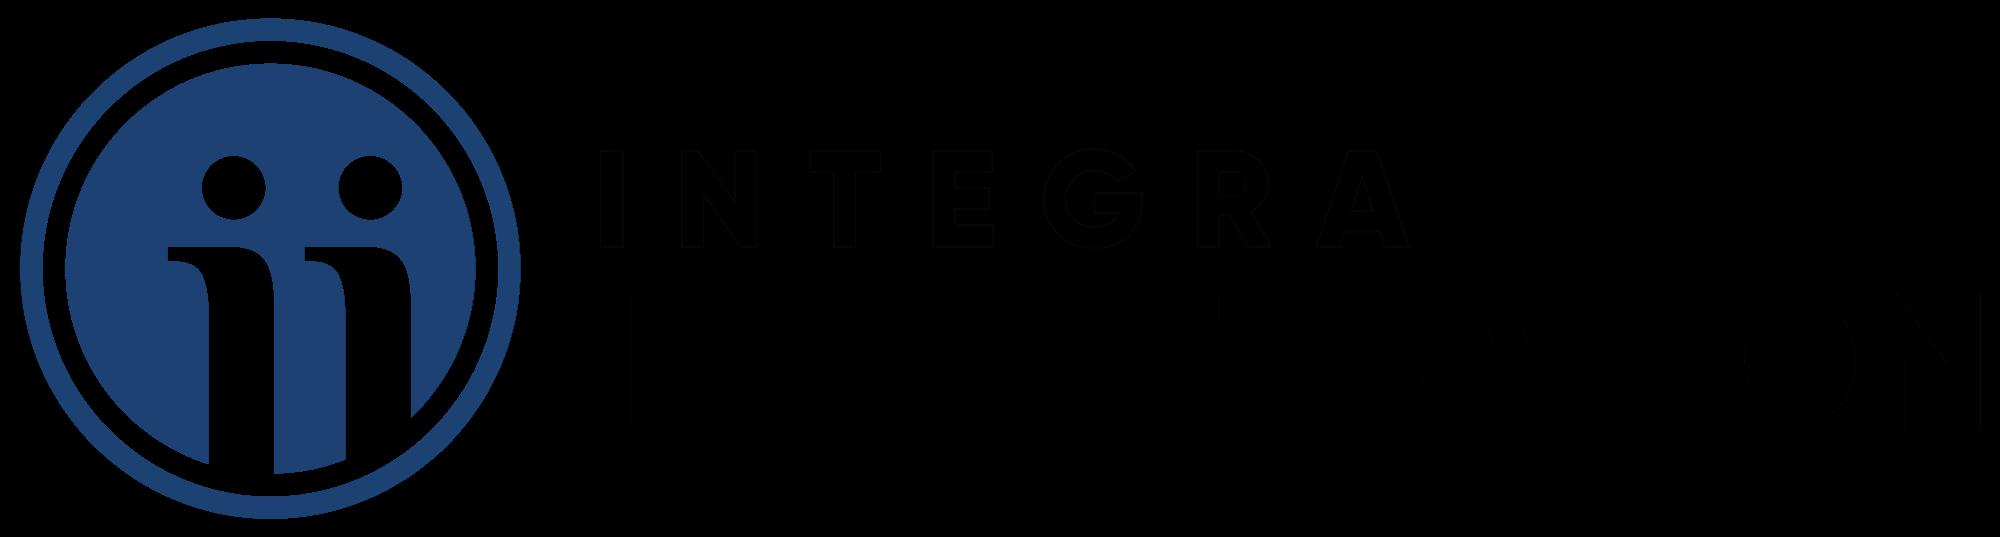 Integra Investigation, LLC